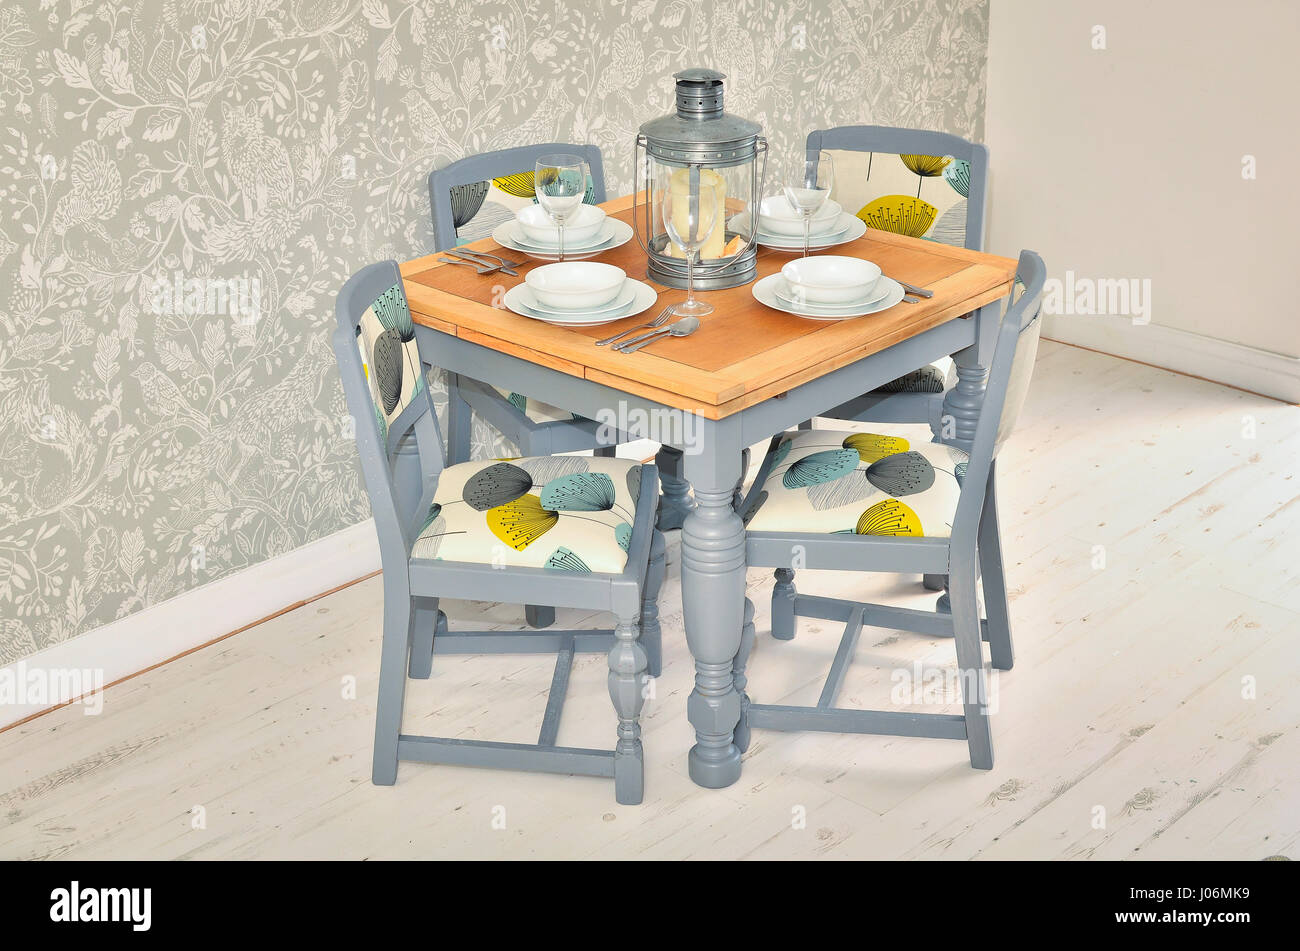 Tavolo Da Pranzo Shabby Chic : Tavolo da pranzo con sedie piatti bicchieri e posate shabby